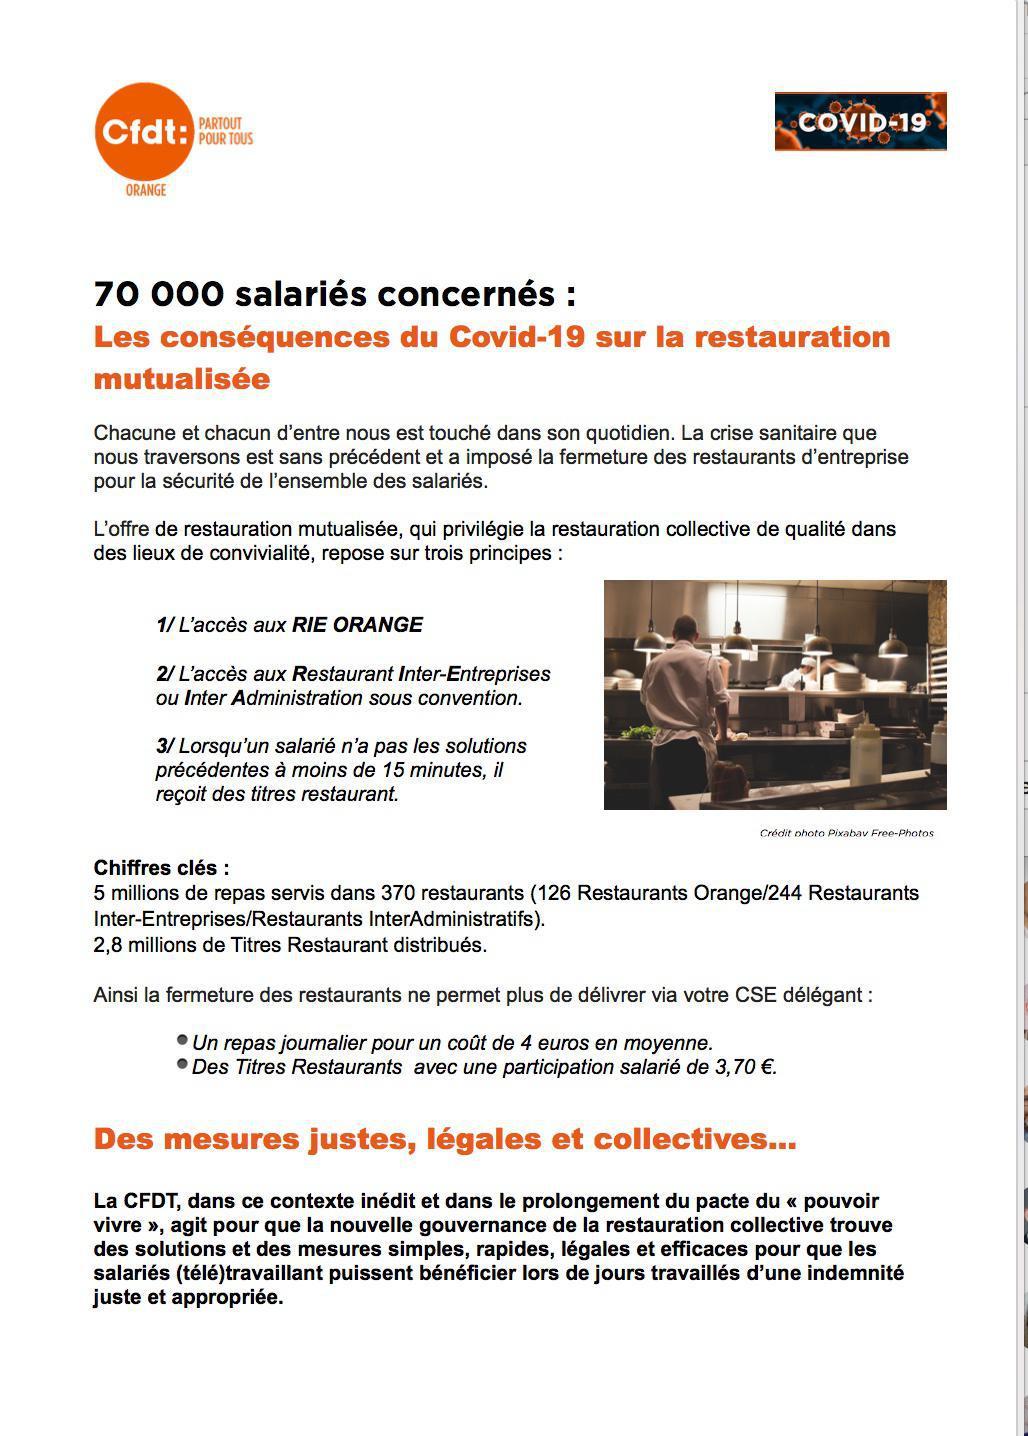 70 000 salariés concernés : les conséquences du #COVID_19 sur la restauration mutualisée